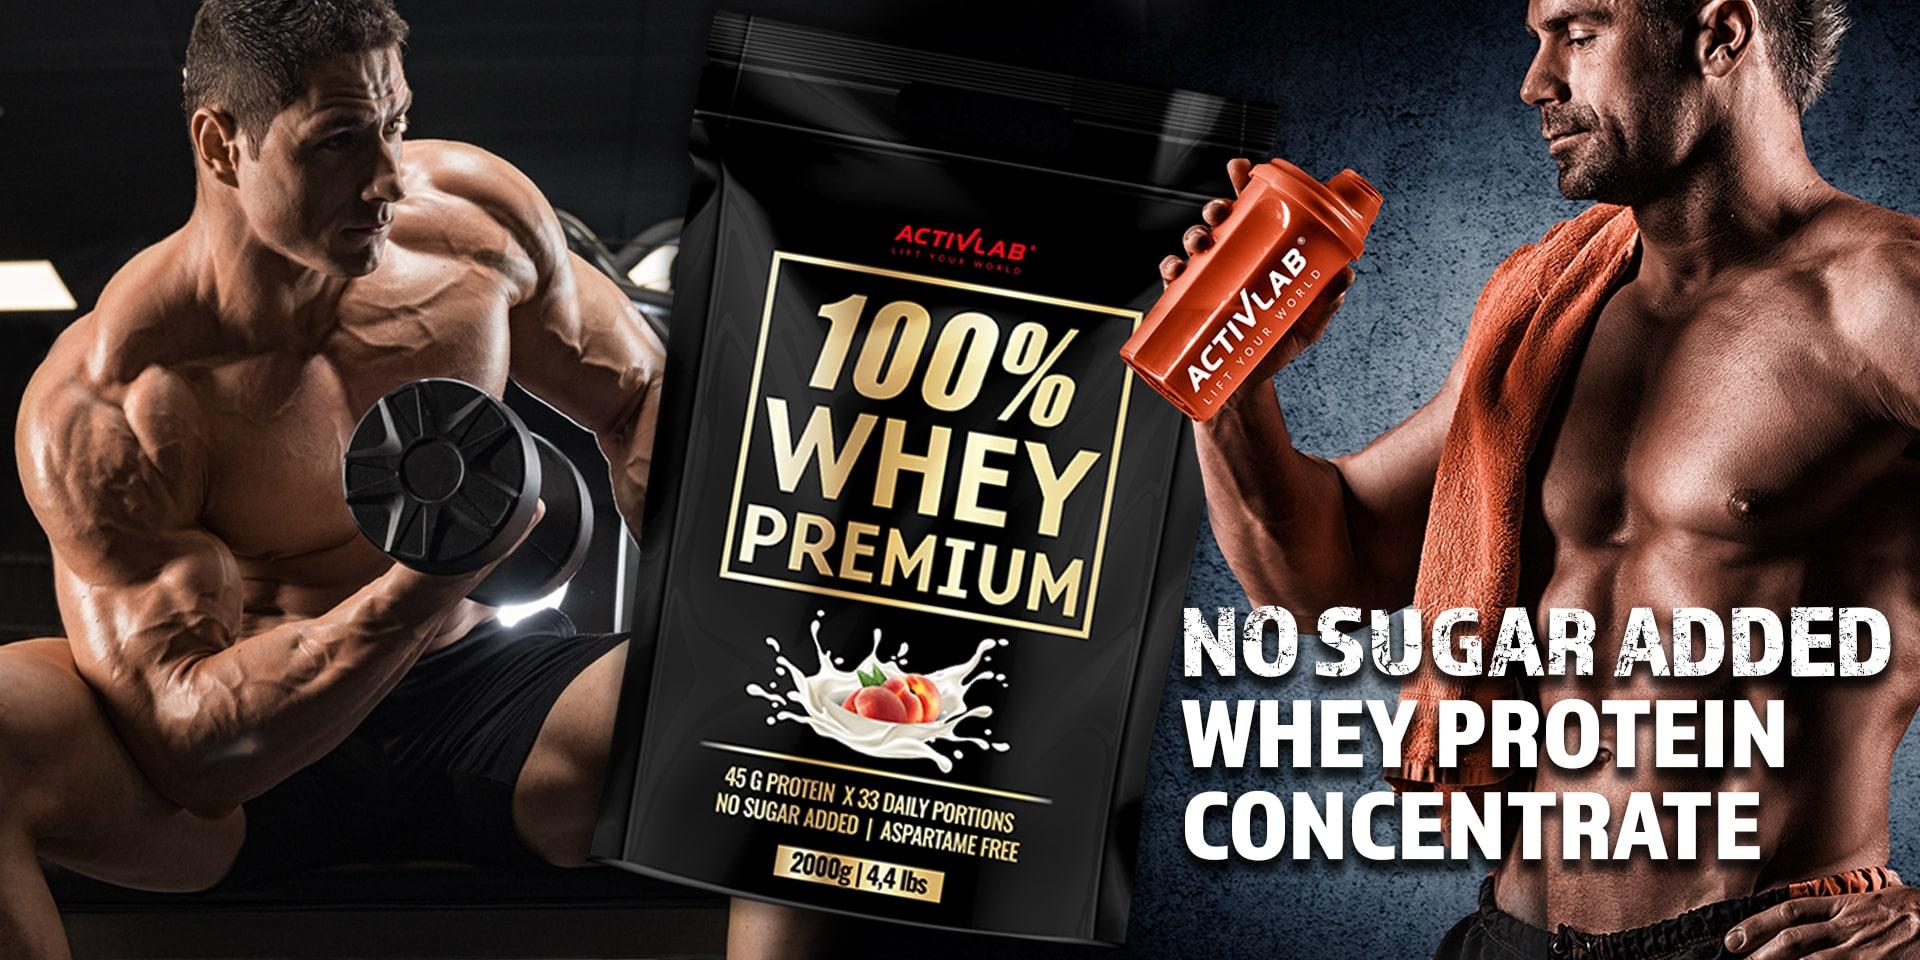 100% Whey Premium - Activlab